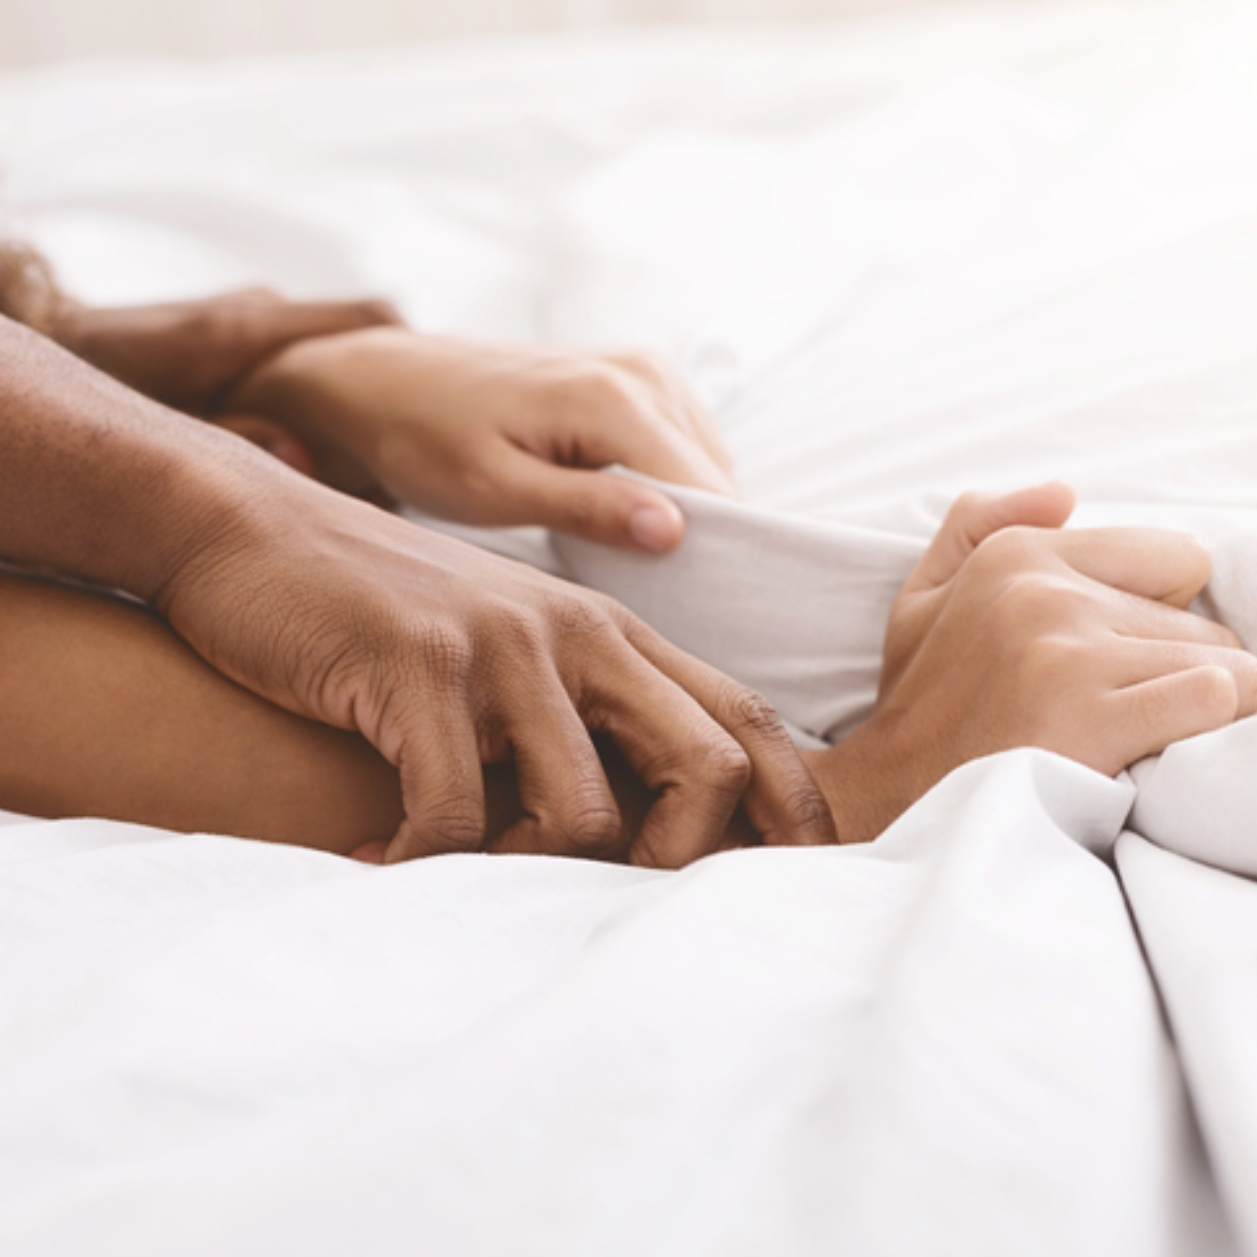 Un violeur arrêté grâce à la montre connectée de sa victime